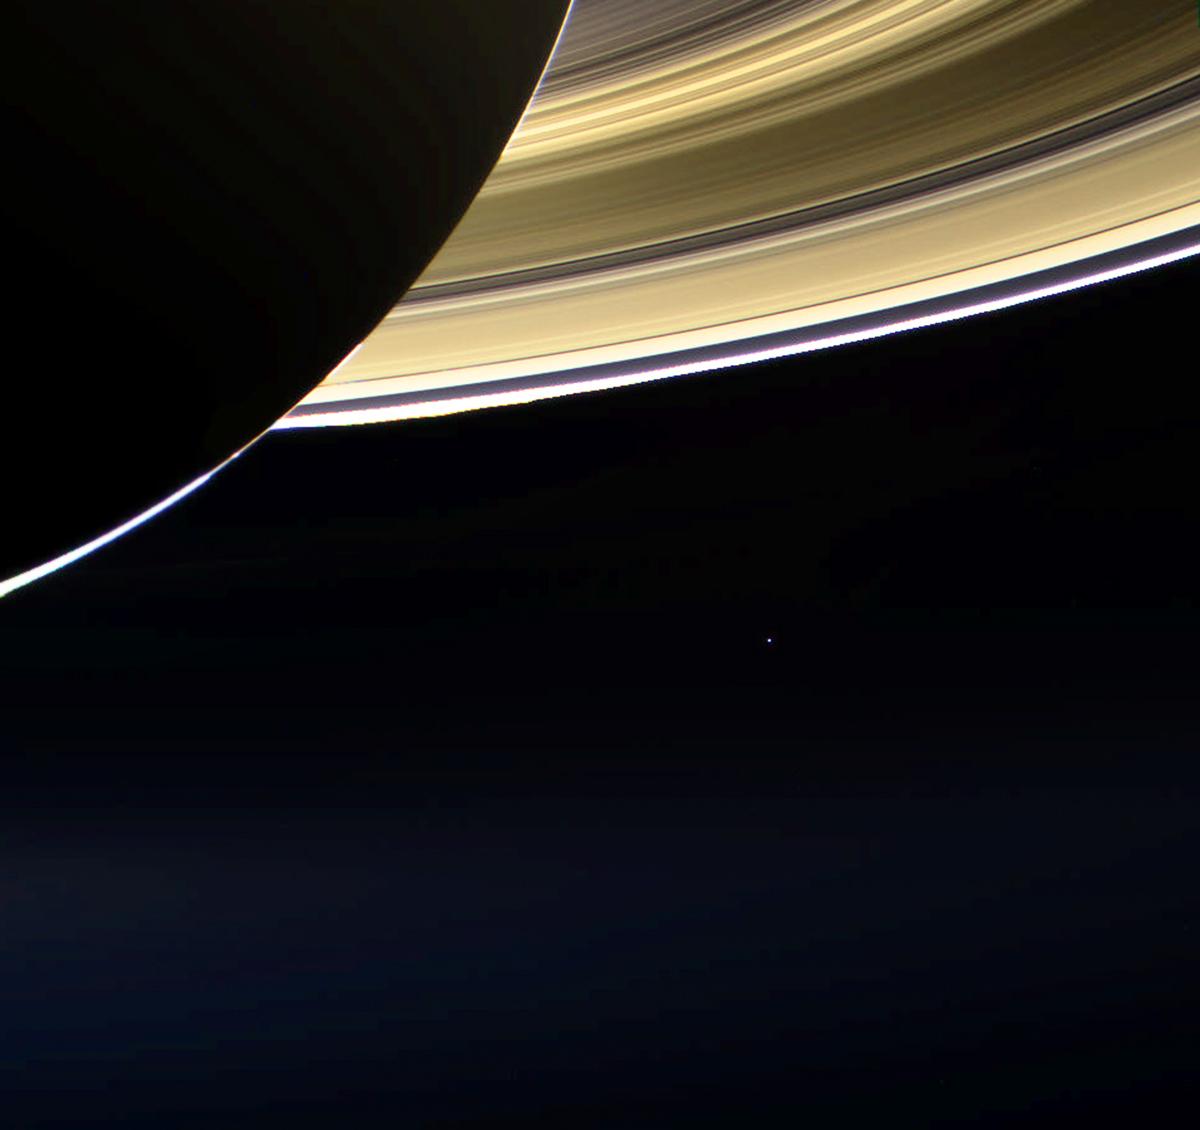 """تصویری از """"نقطۀ آبی کمرنگ"""" که فضاپیمای کاسینی از مدار زحل در سال 2013 به ثبت رساند."""